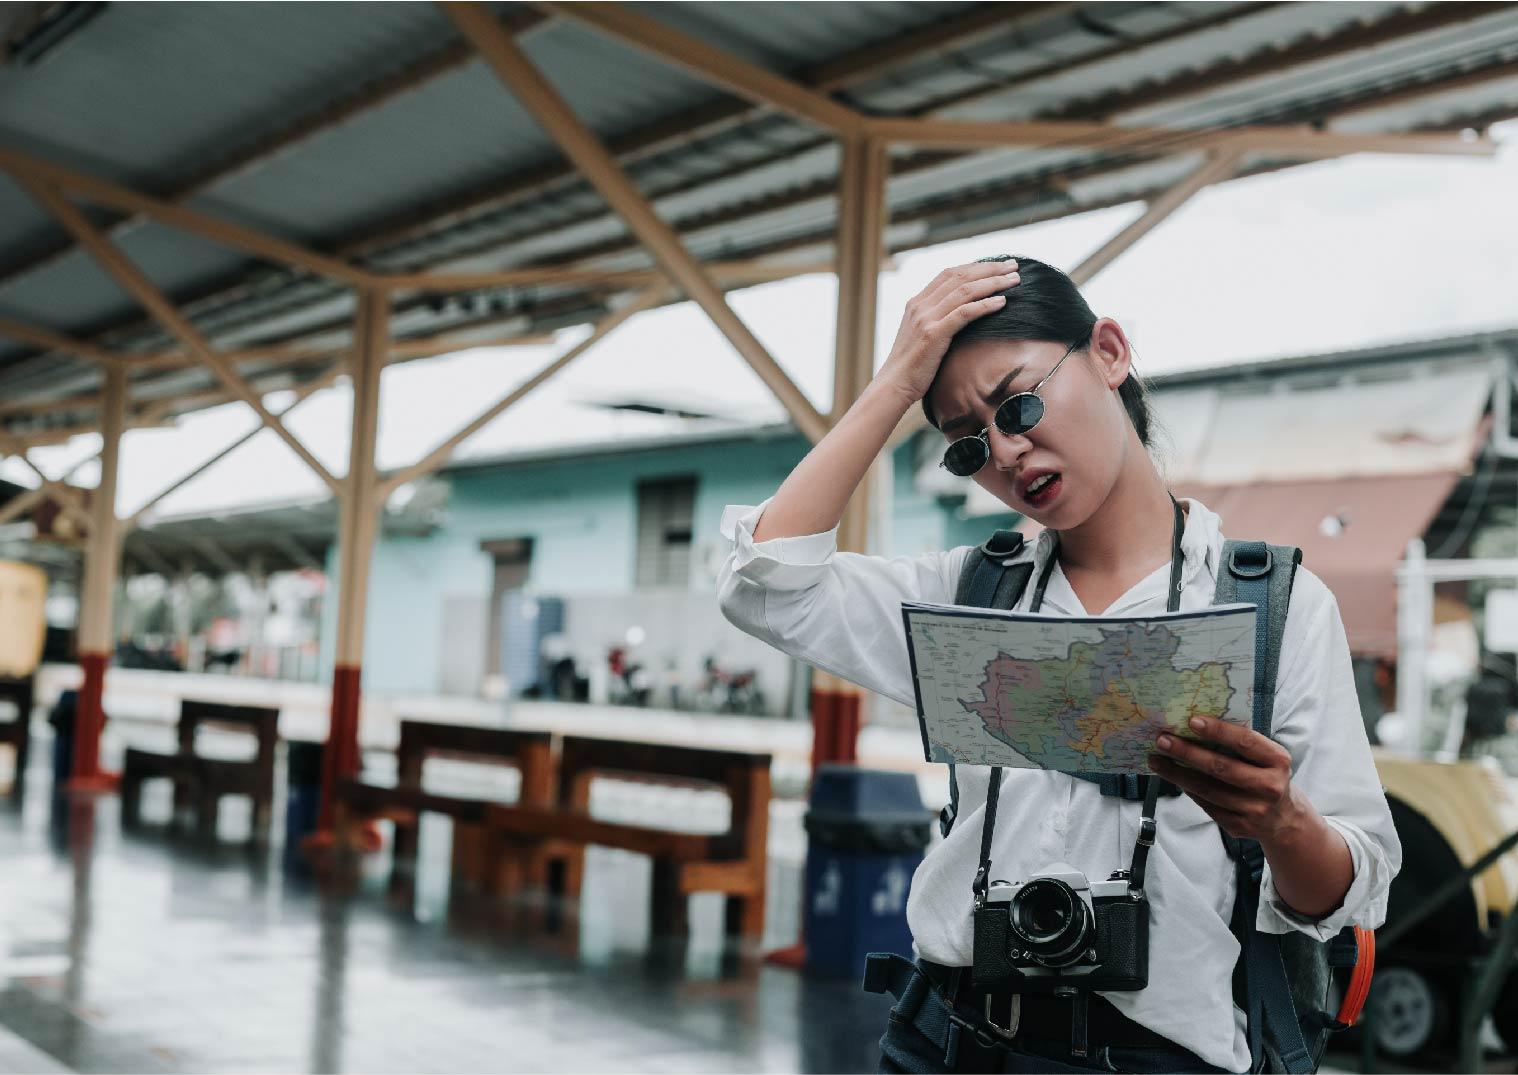 WiFi分享器:女性煩惱沒有網路地圖看不懂